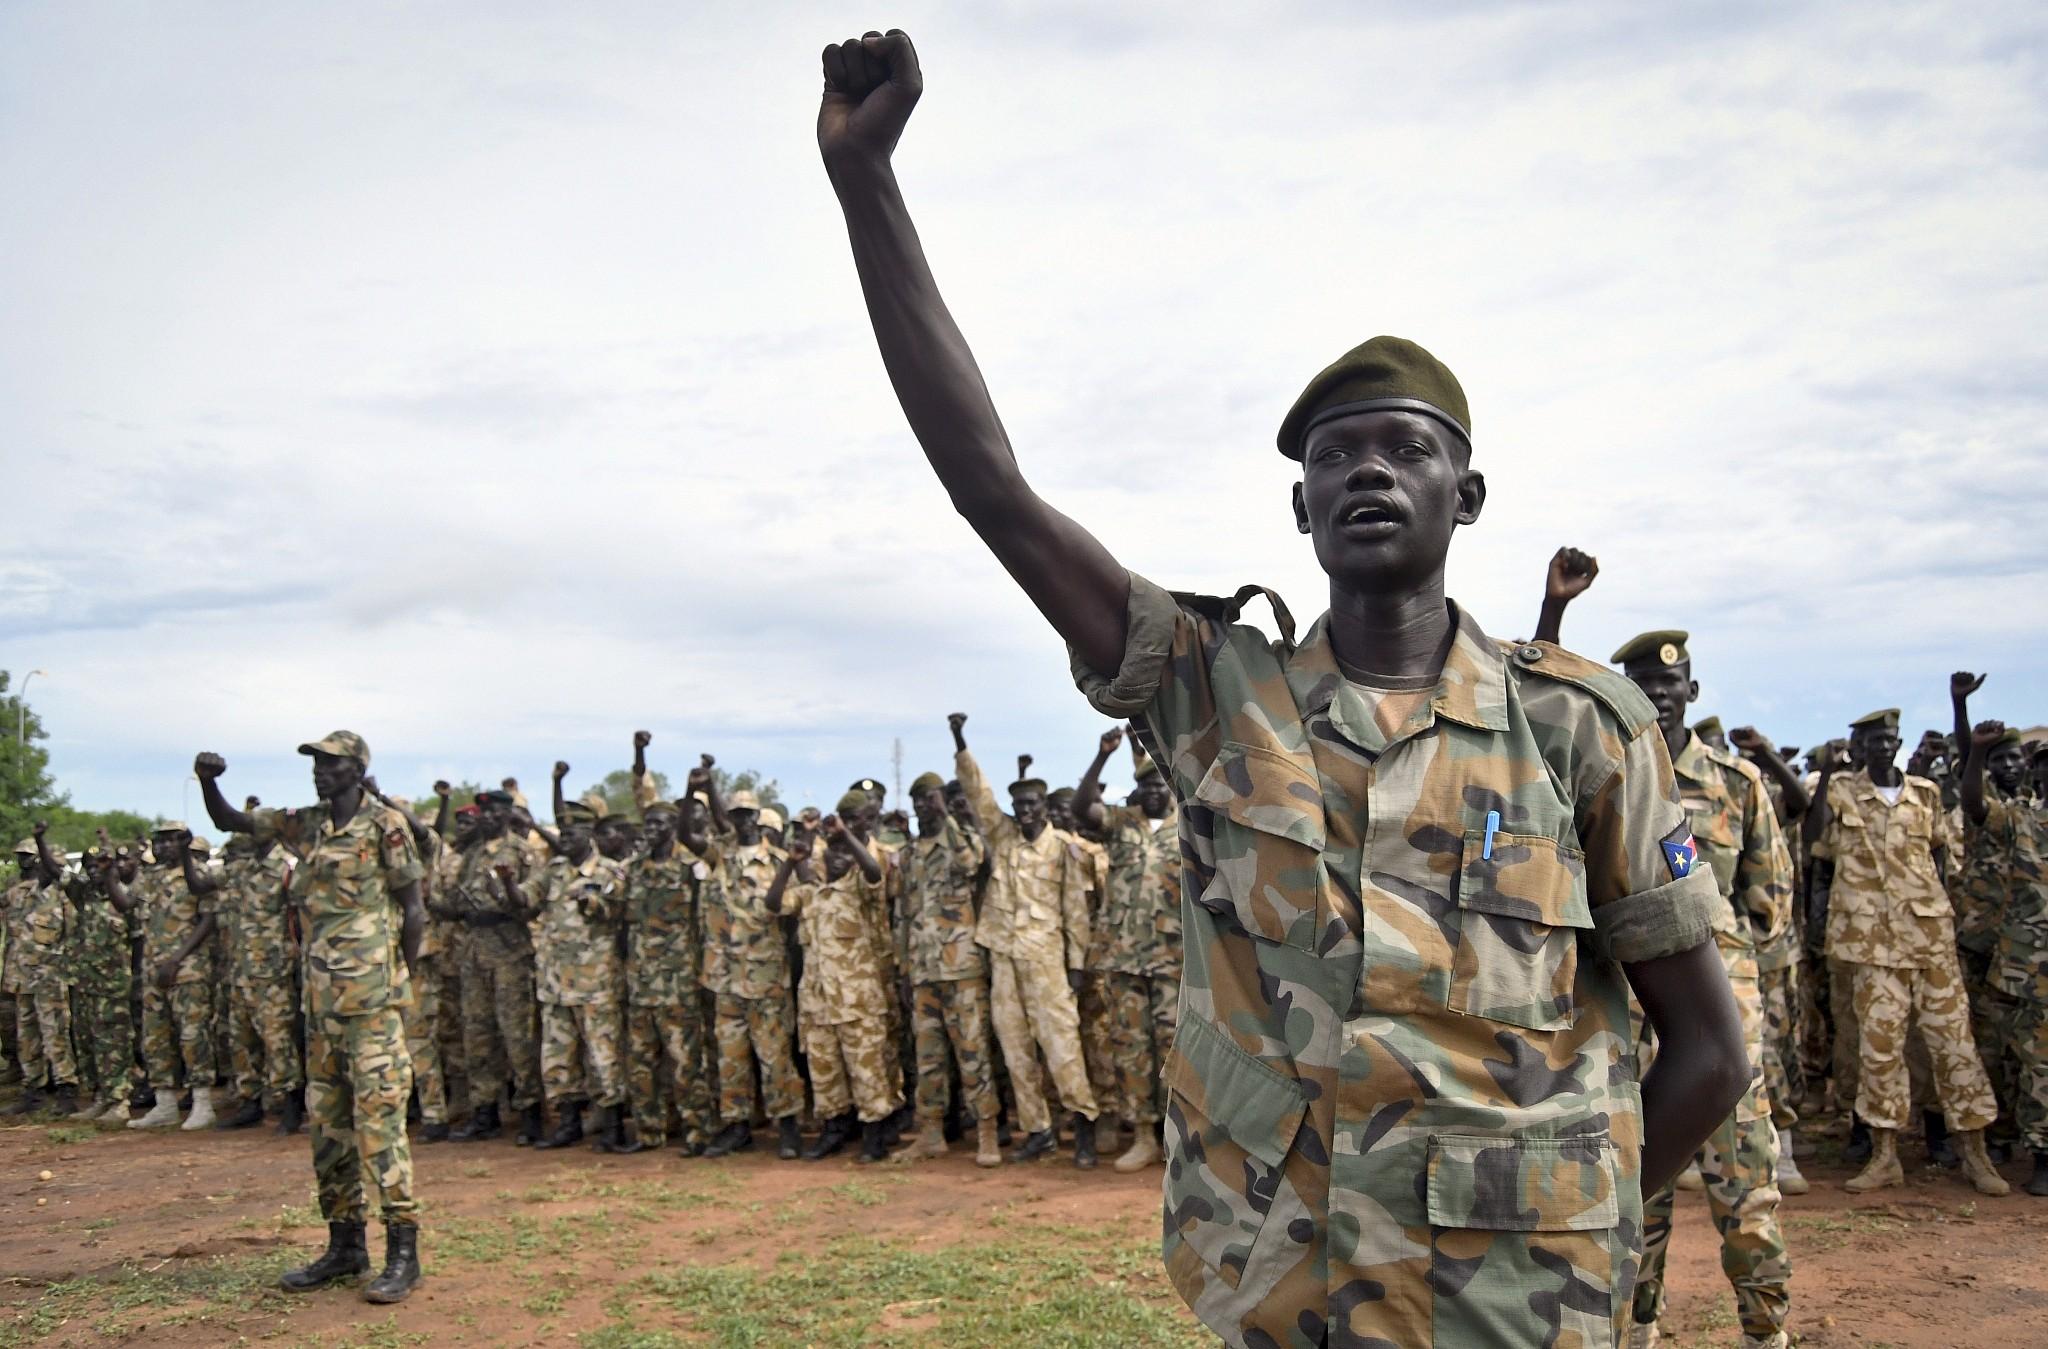 La guerra imperversa in Sudan. Ma la popolazione preferisce conoscere il gossip.